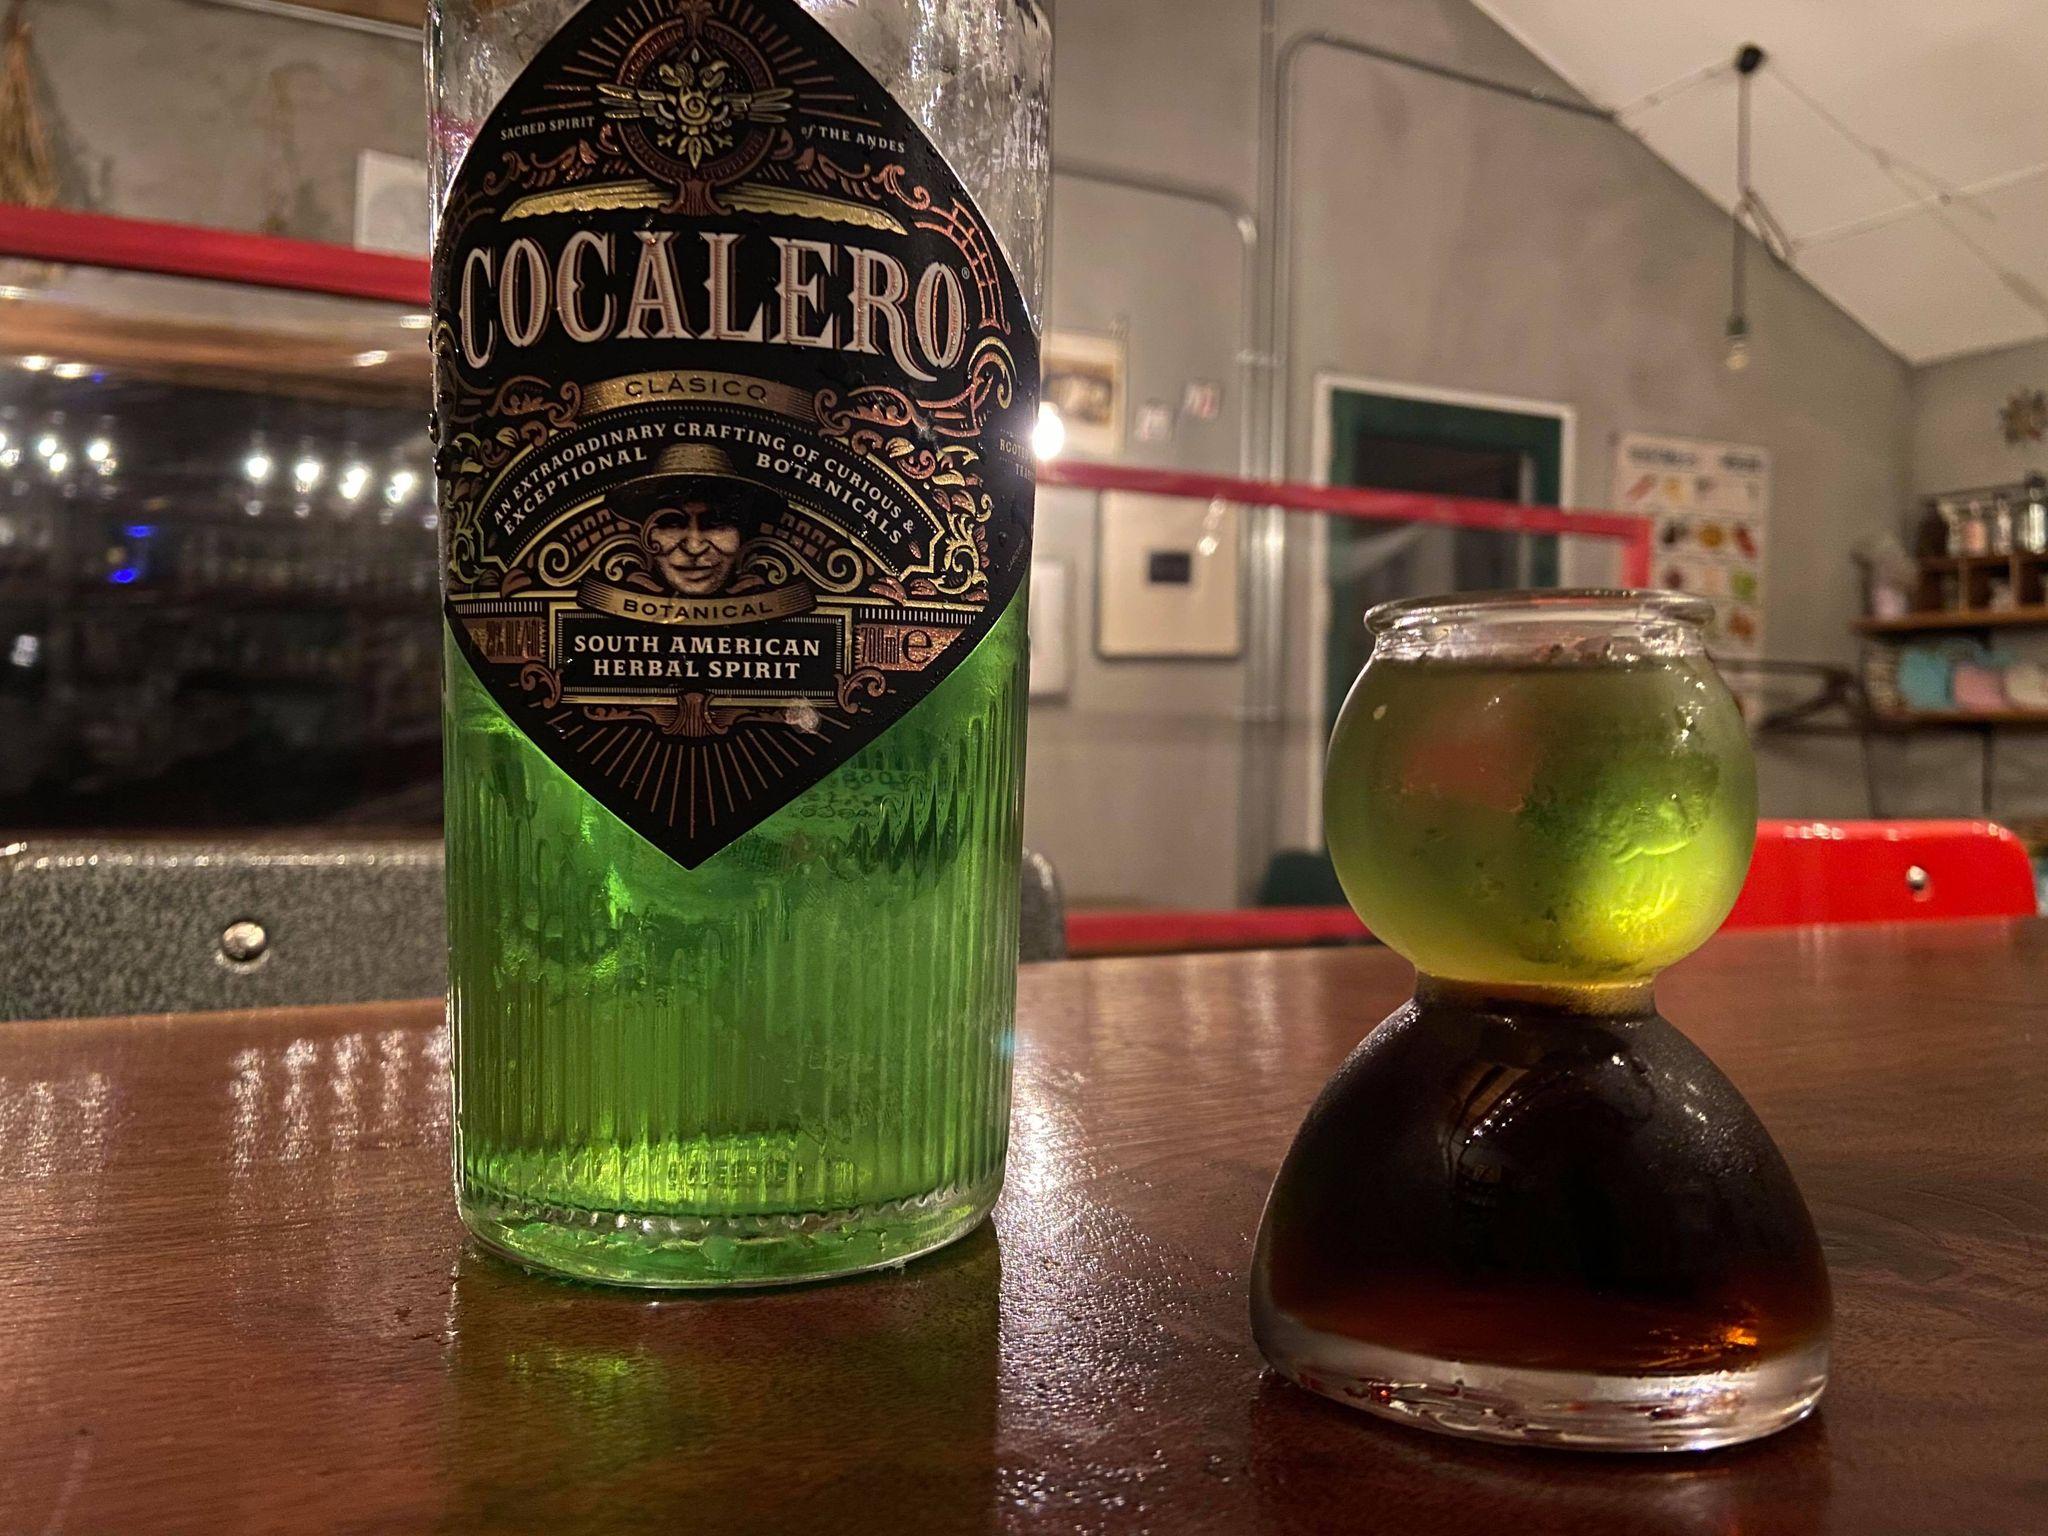 コカレロのボトルとコーラ版のコカボム